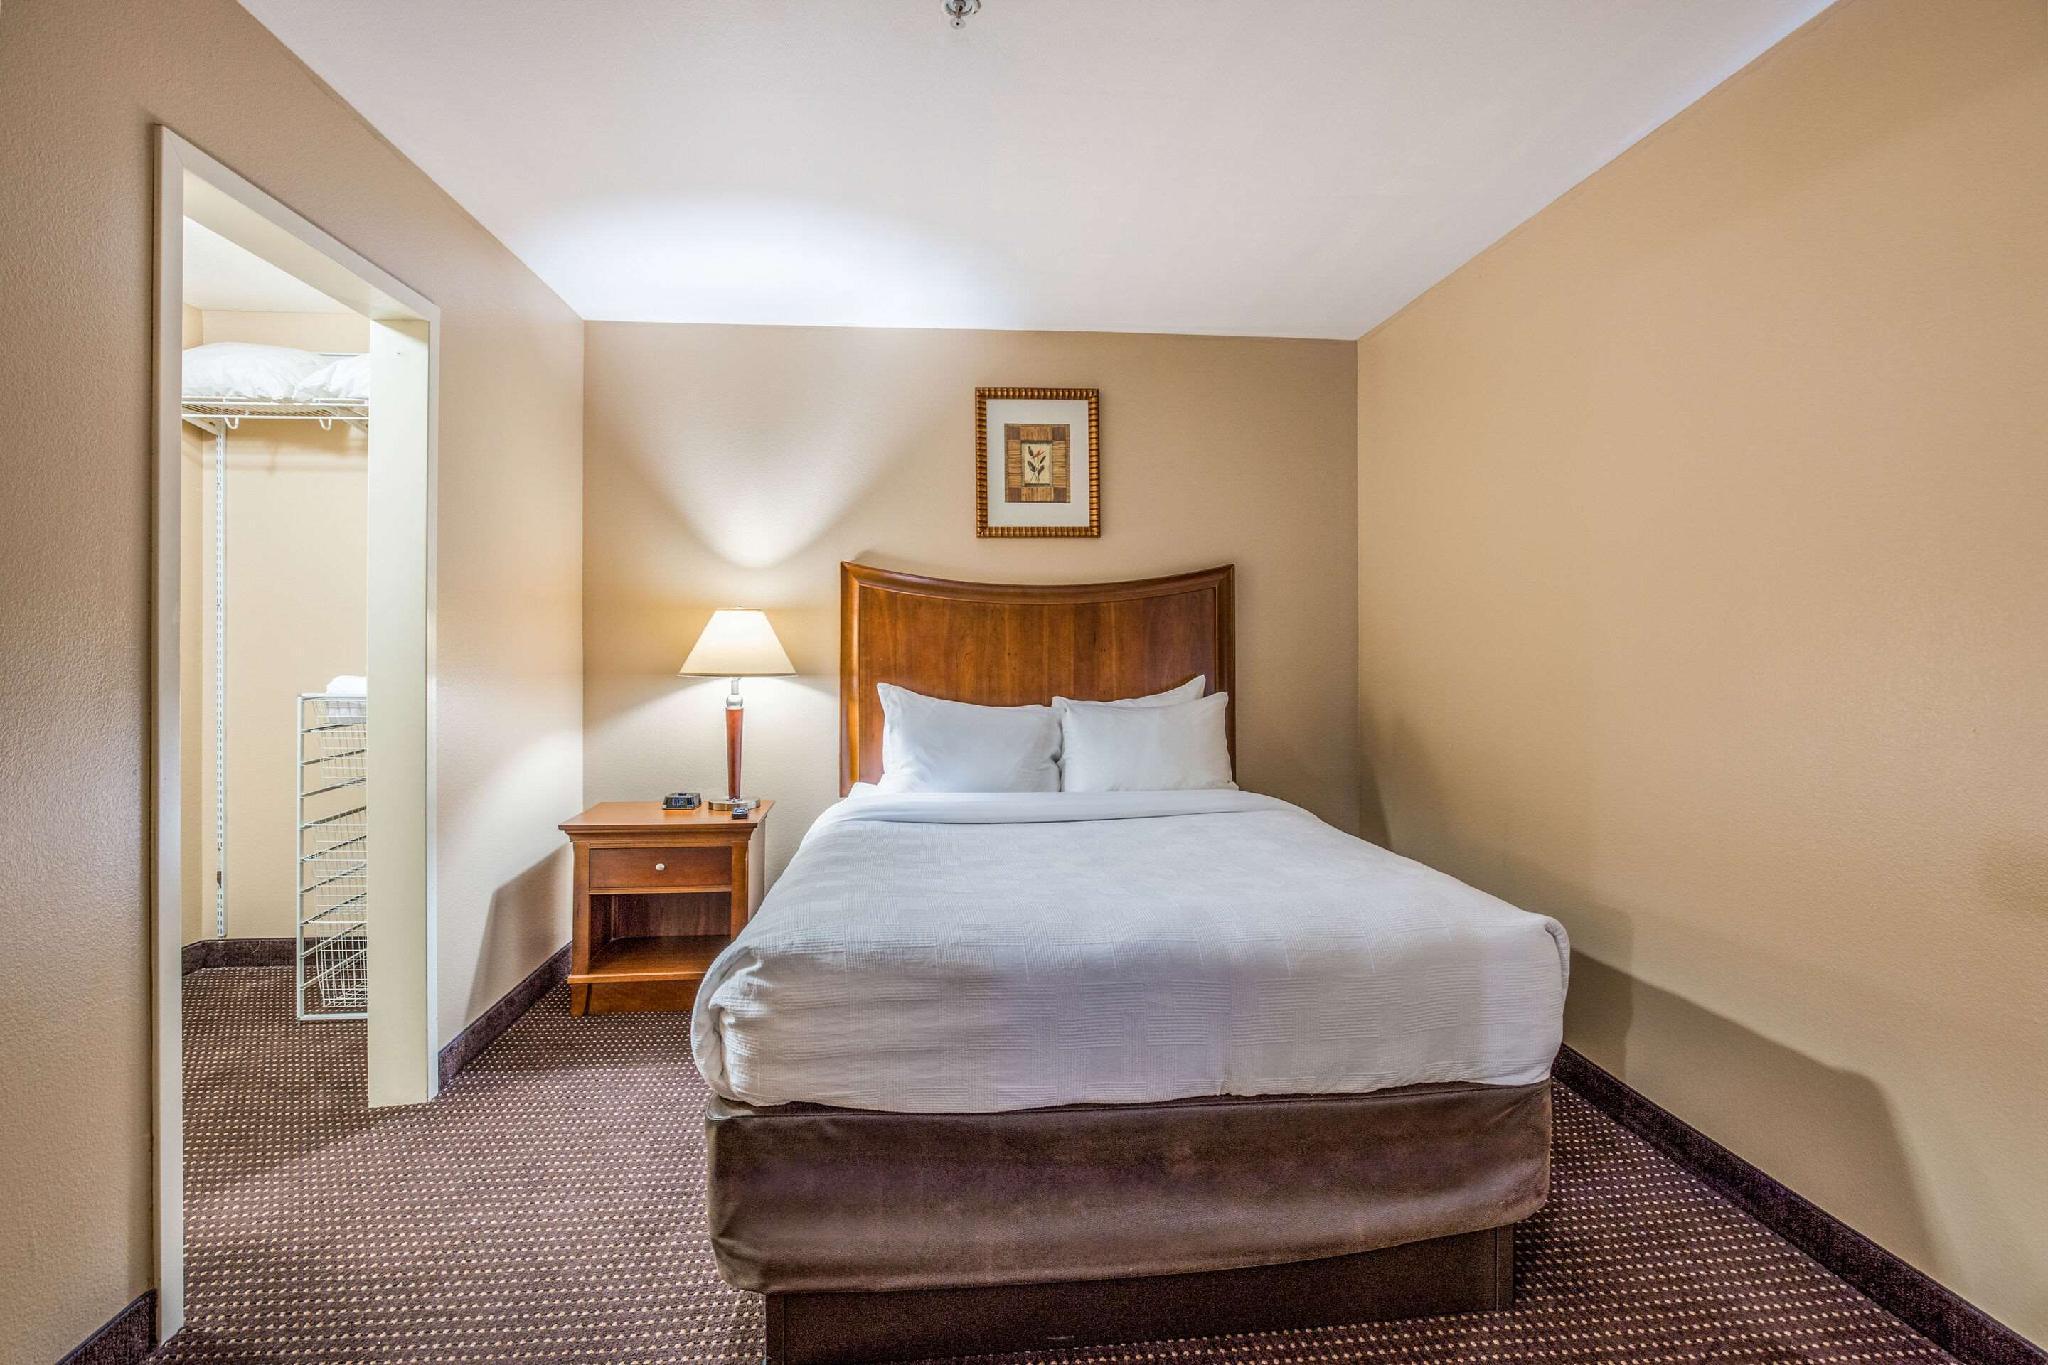 1 Queen Bed, Efficiency, Suite, Nonsmoking